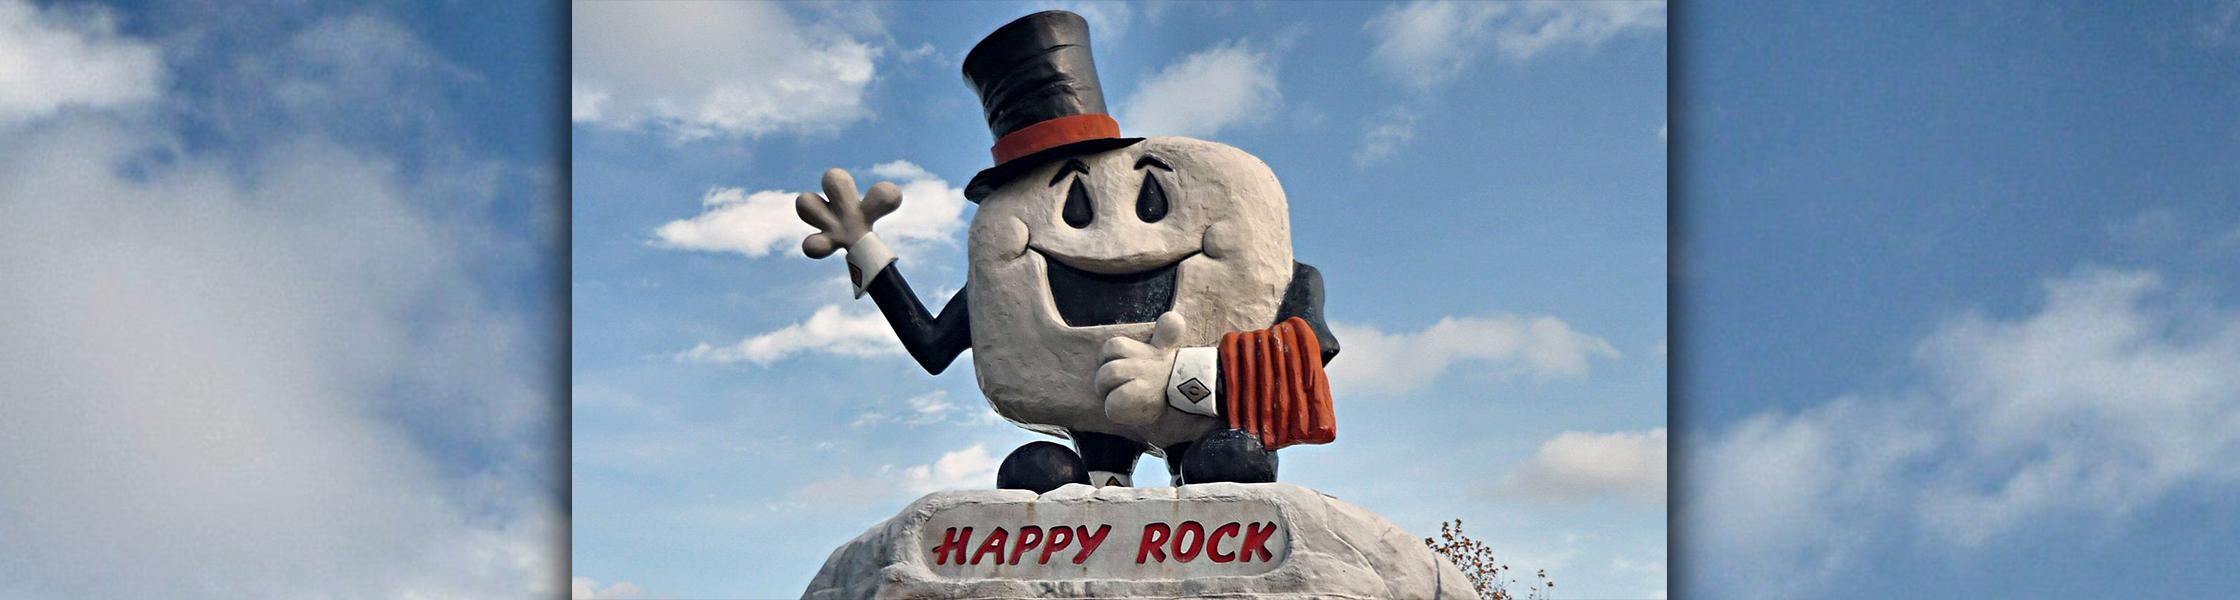 The Happy Rock in Gladstone, Manitoba